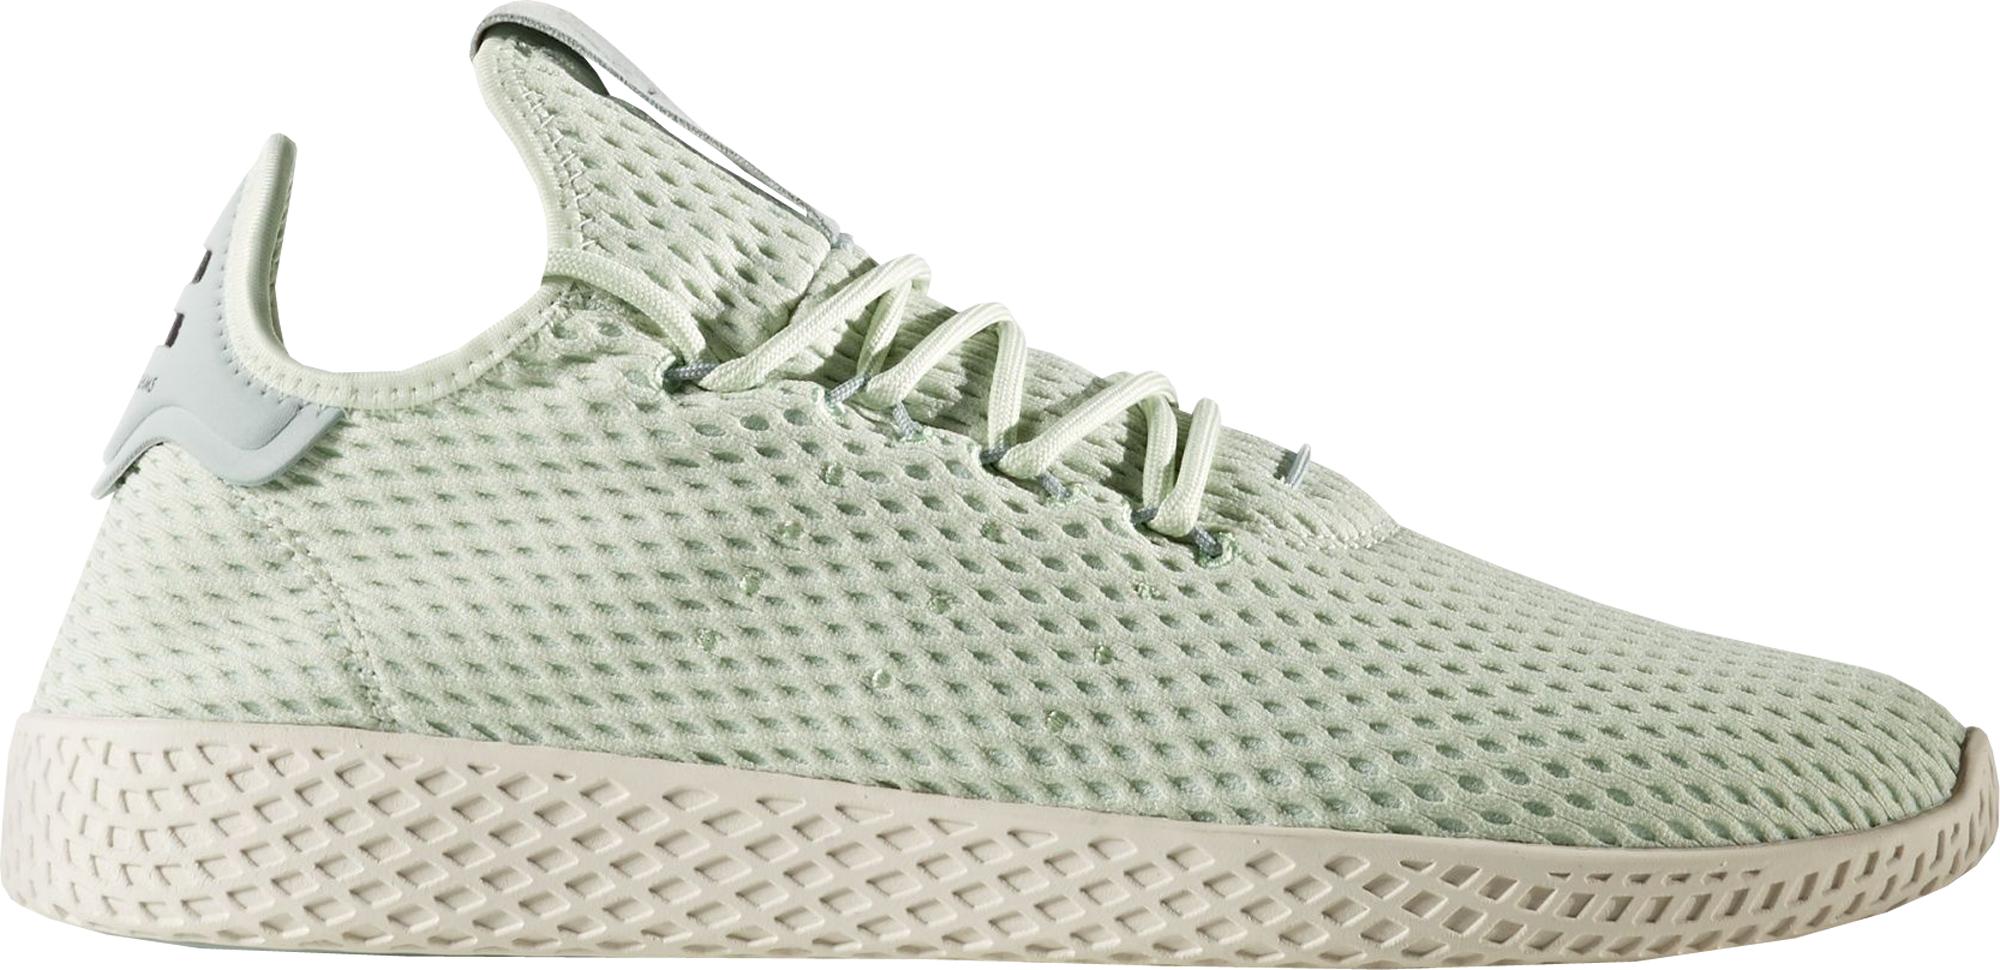 mejores zapatos  Flats, zapatos tenis y y tenis 44fa63